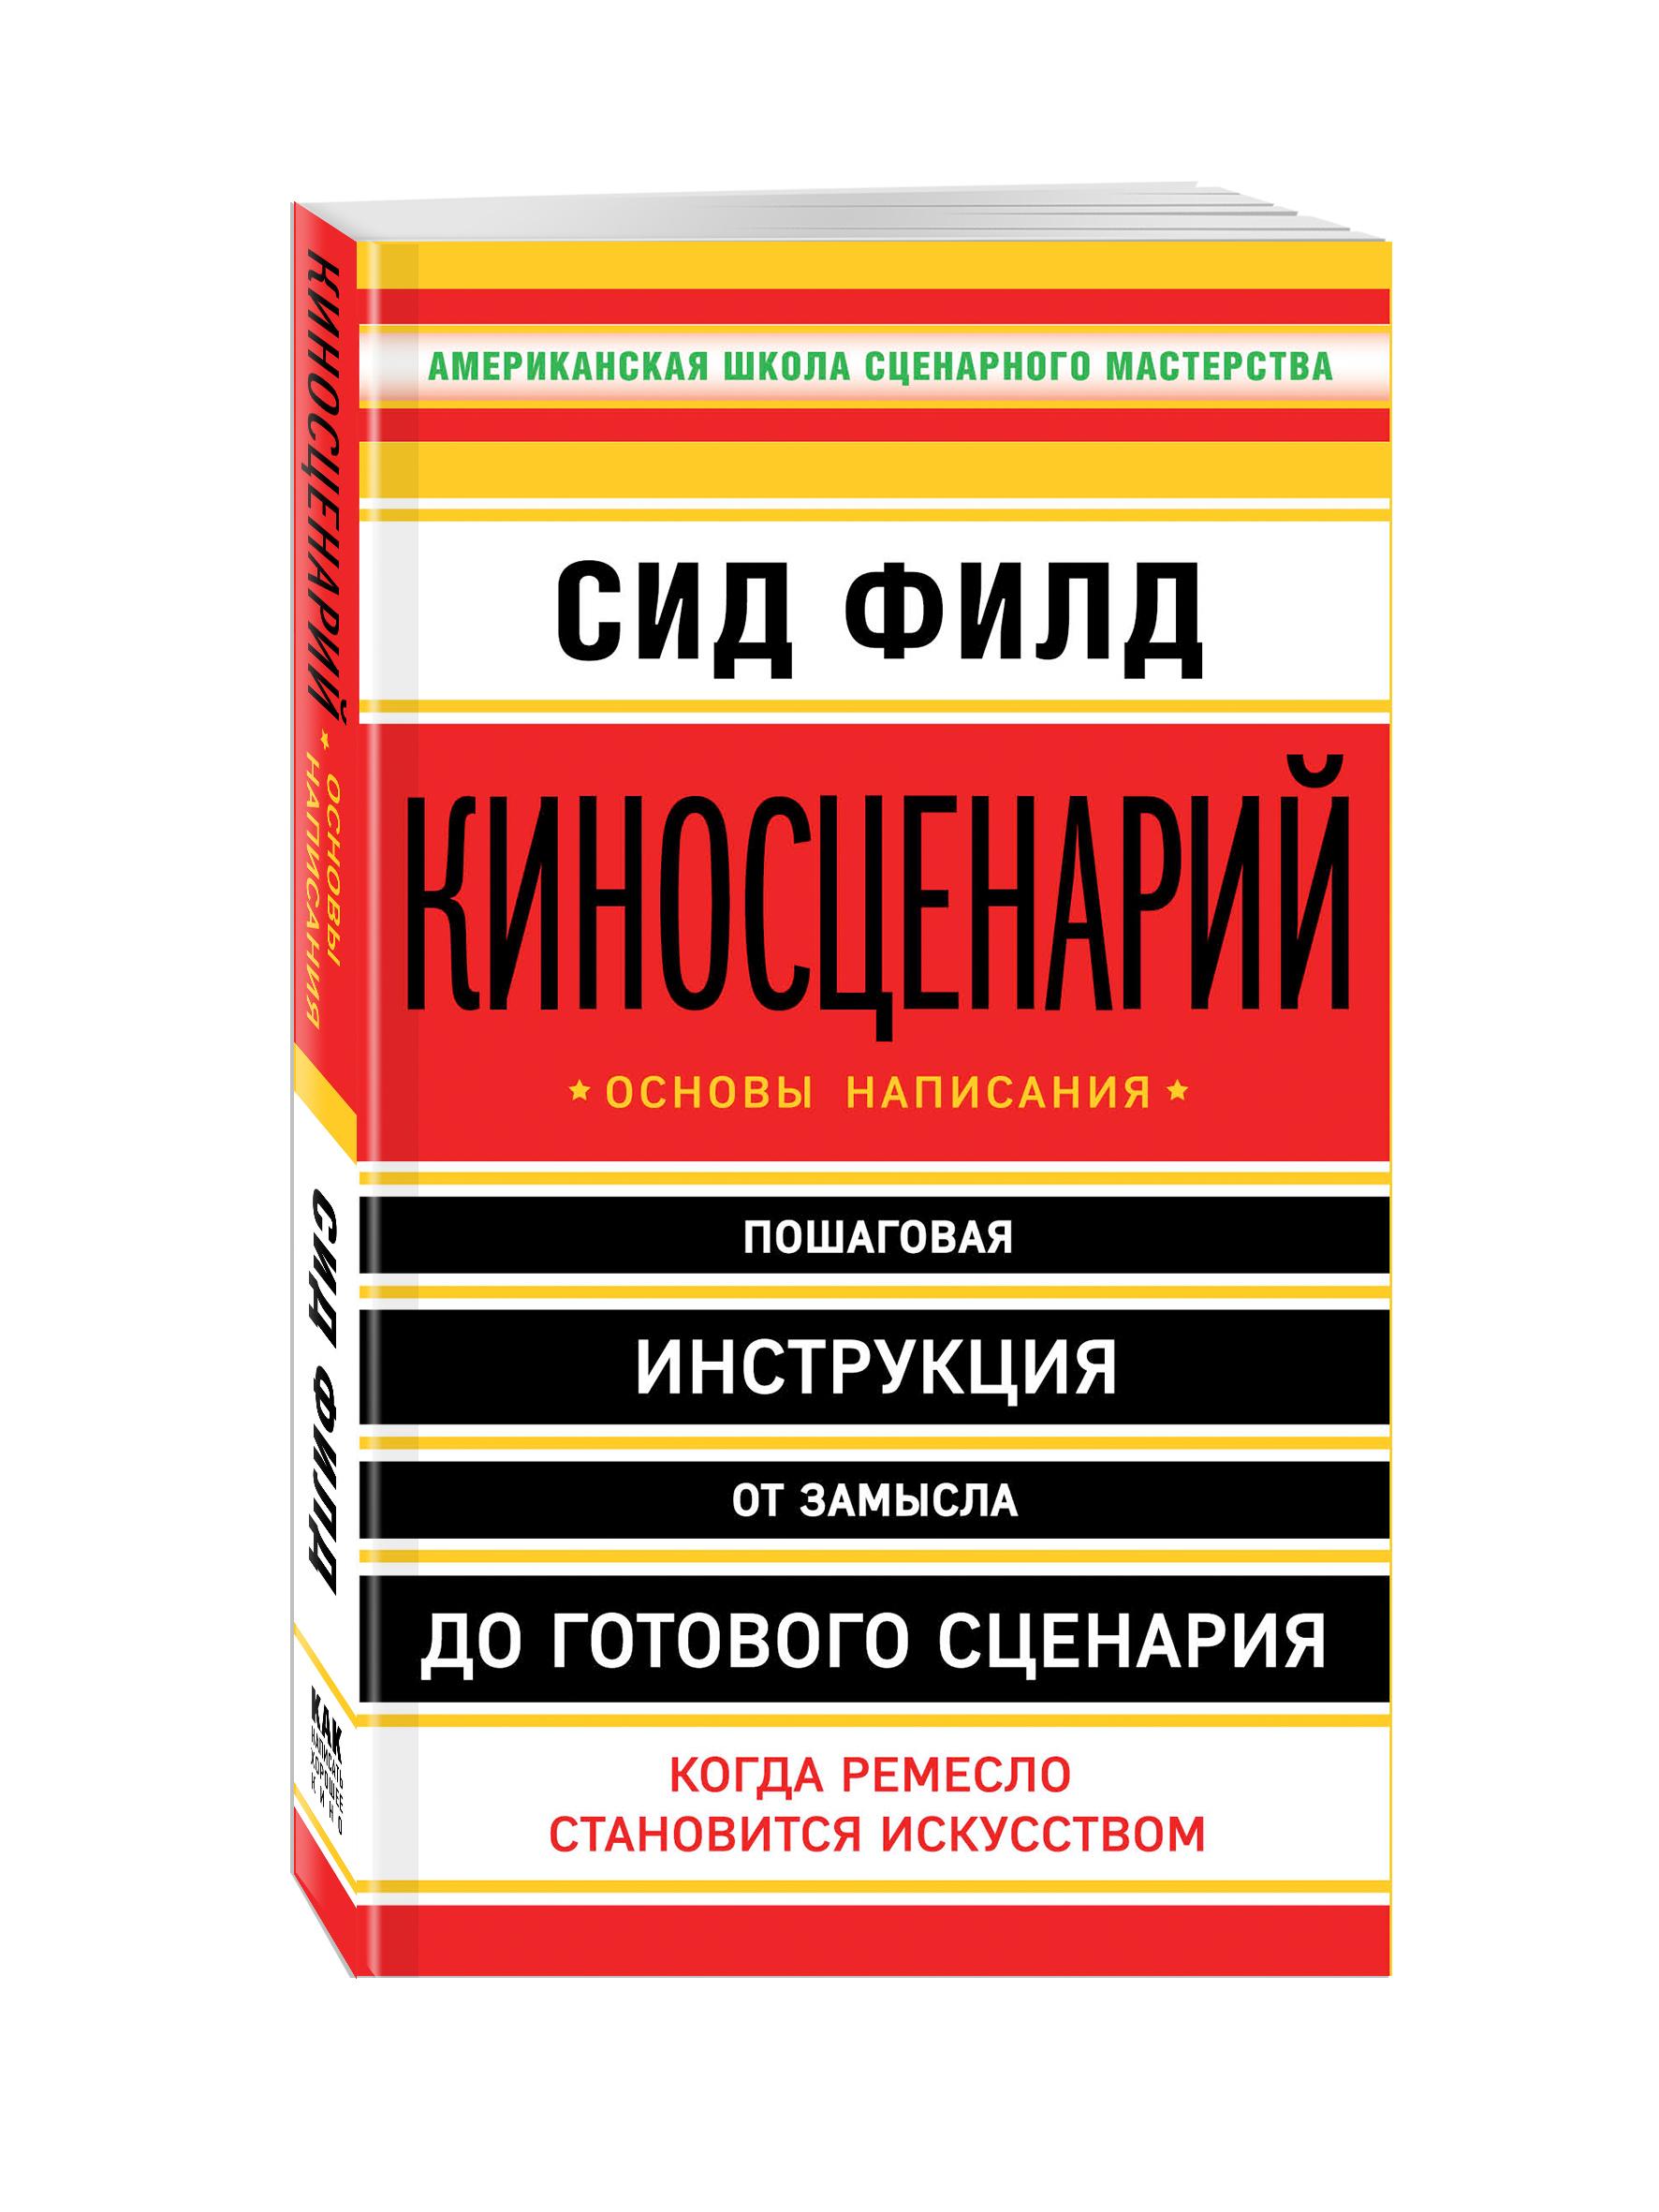 Киносценарий: основы написания ( Филд С.  )